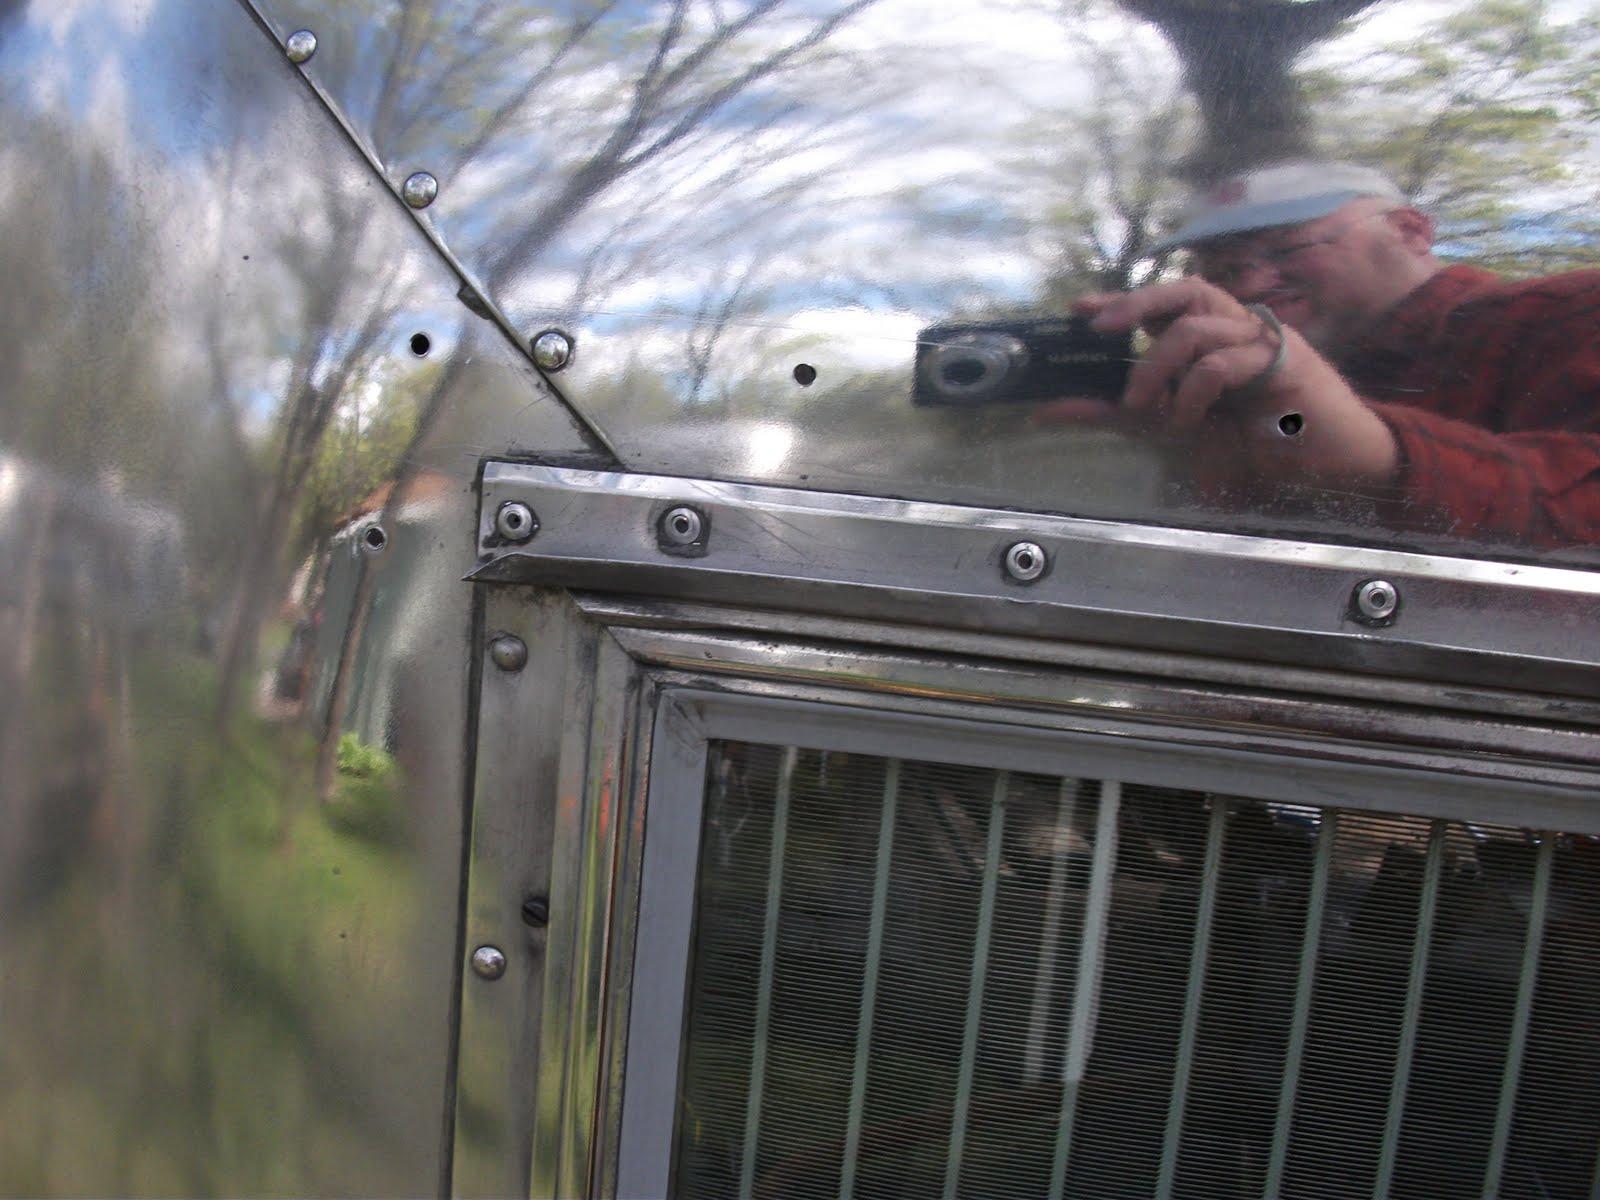 64 Airstream Safari named May (Maysville): May 2010